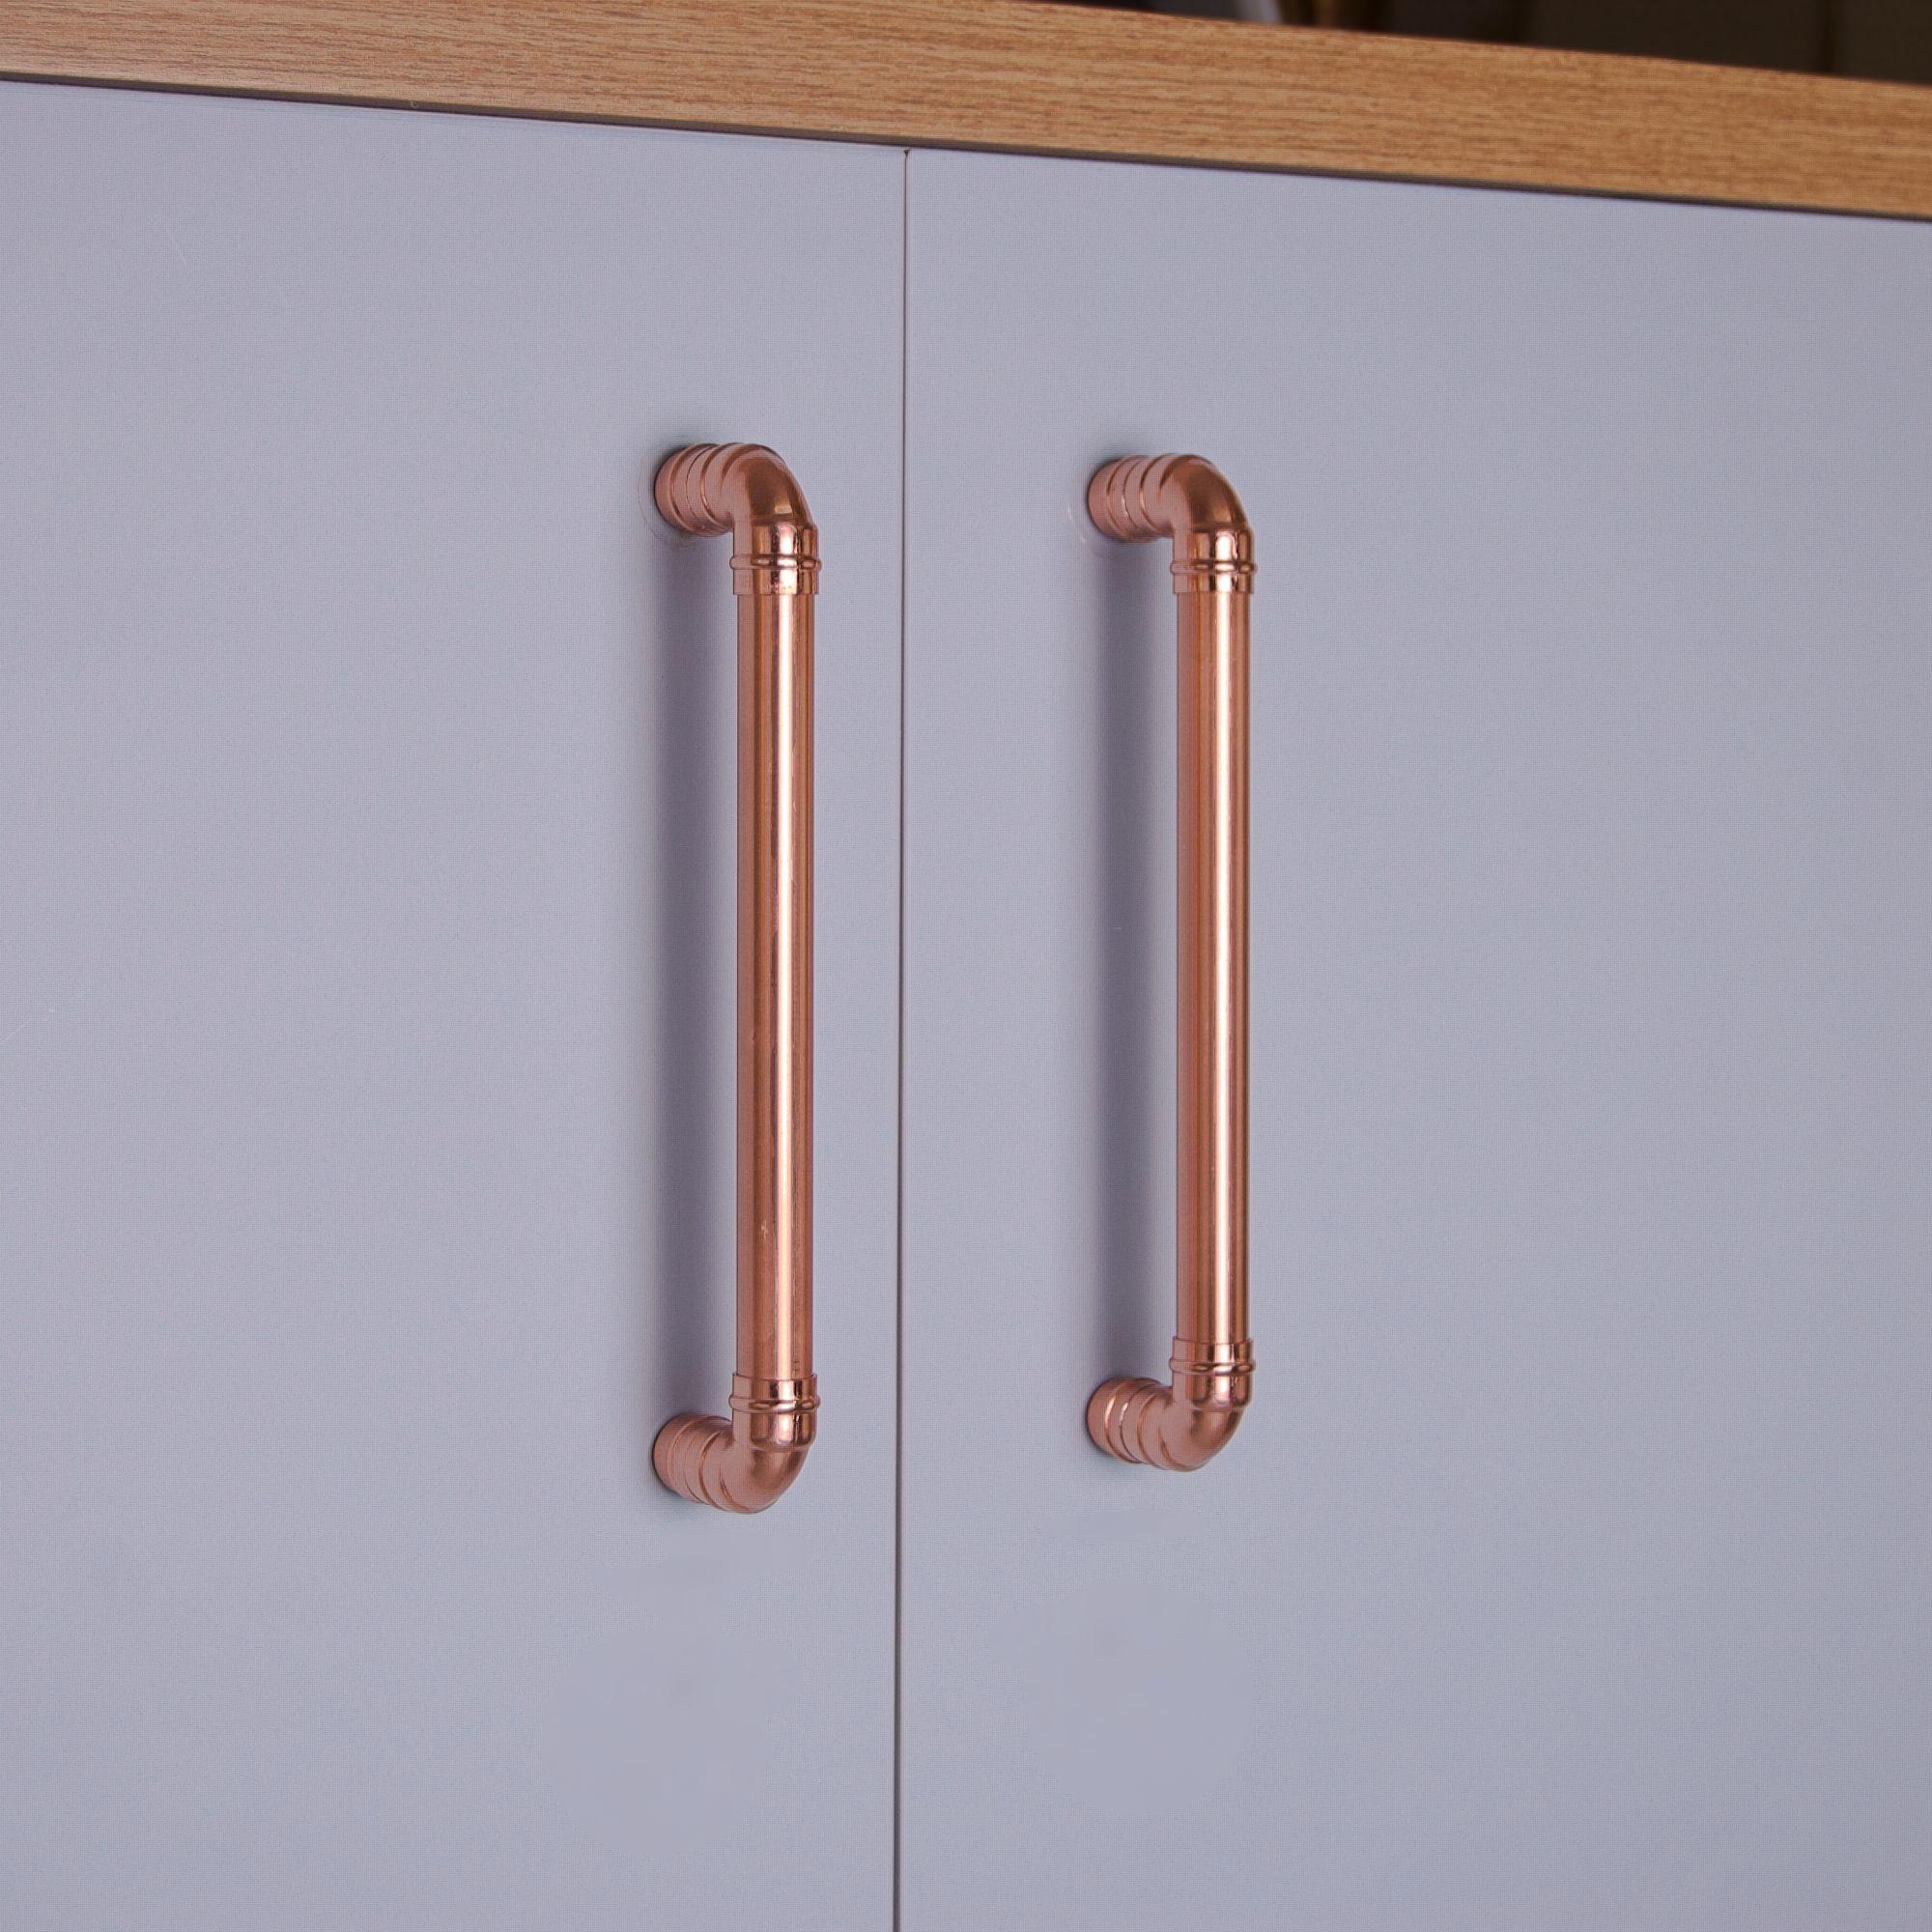 Quirkhub Copper Handles In 2020 Copper Handles Kitchen Door Handles Copper Kitchen